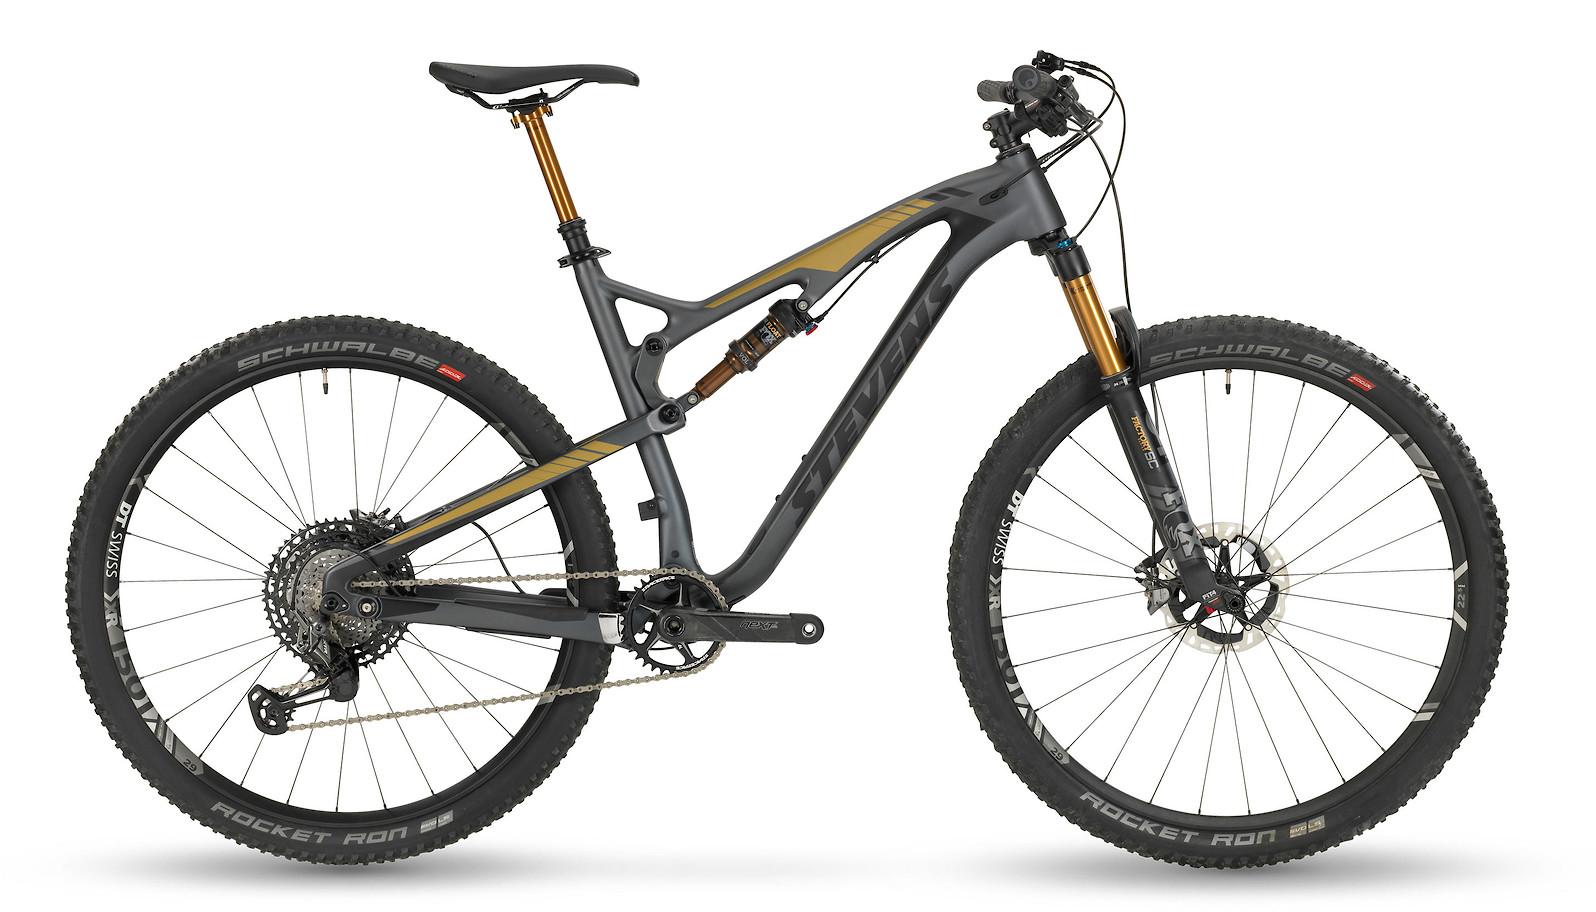 2020 Stevens Jura Carbon SL